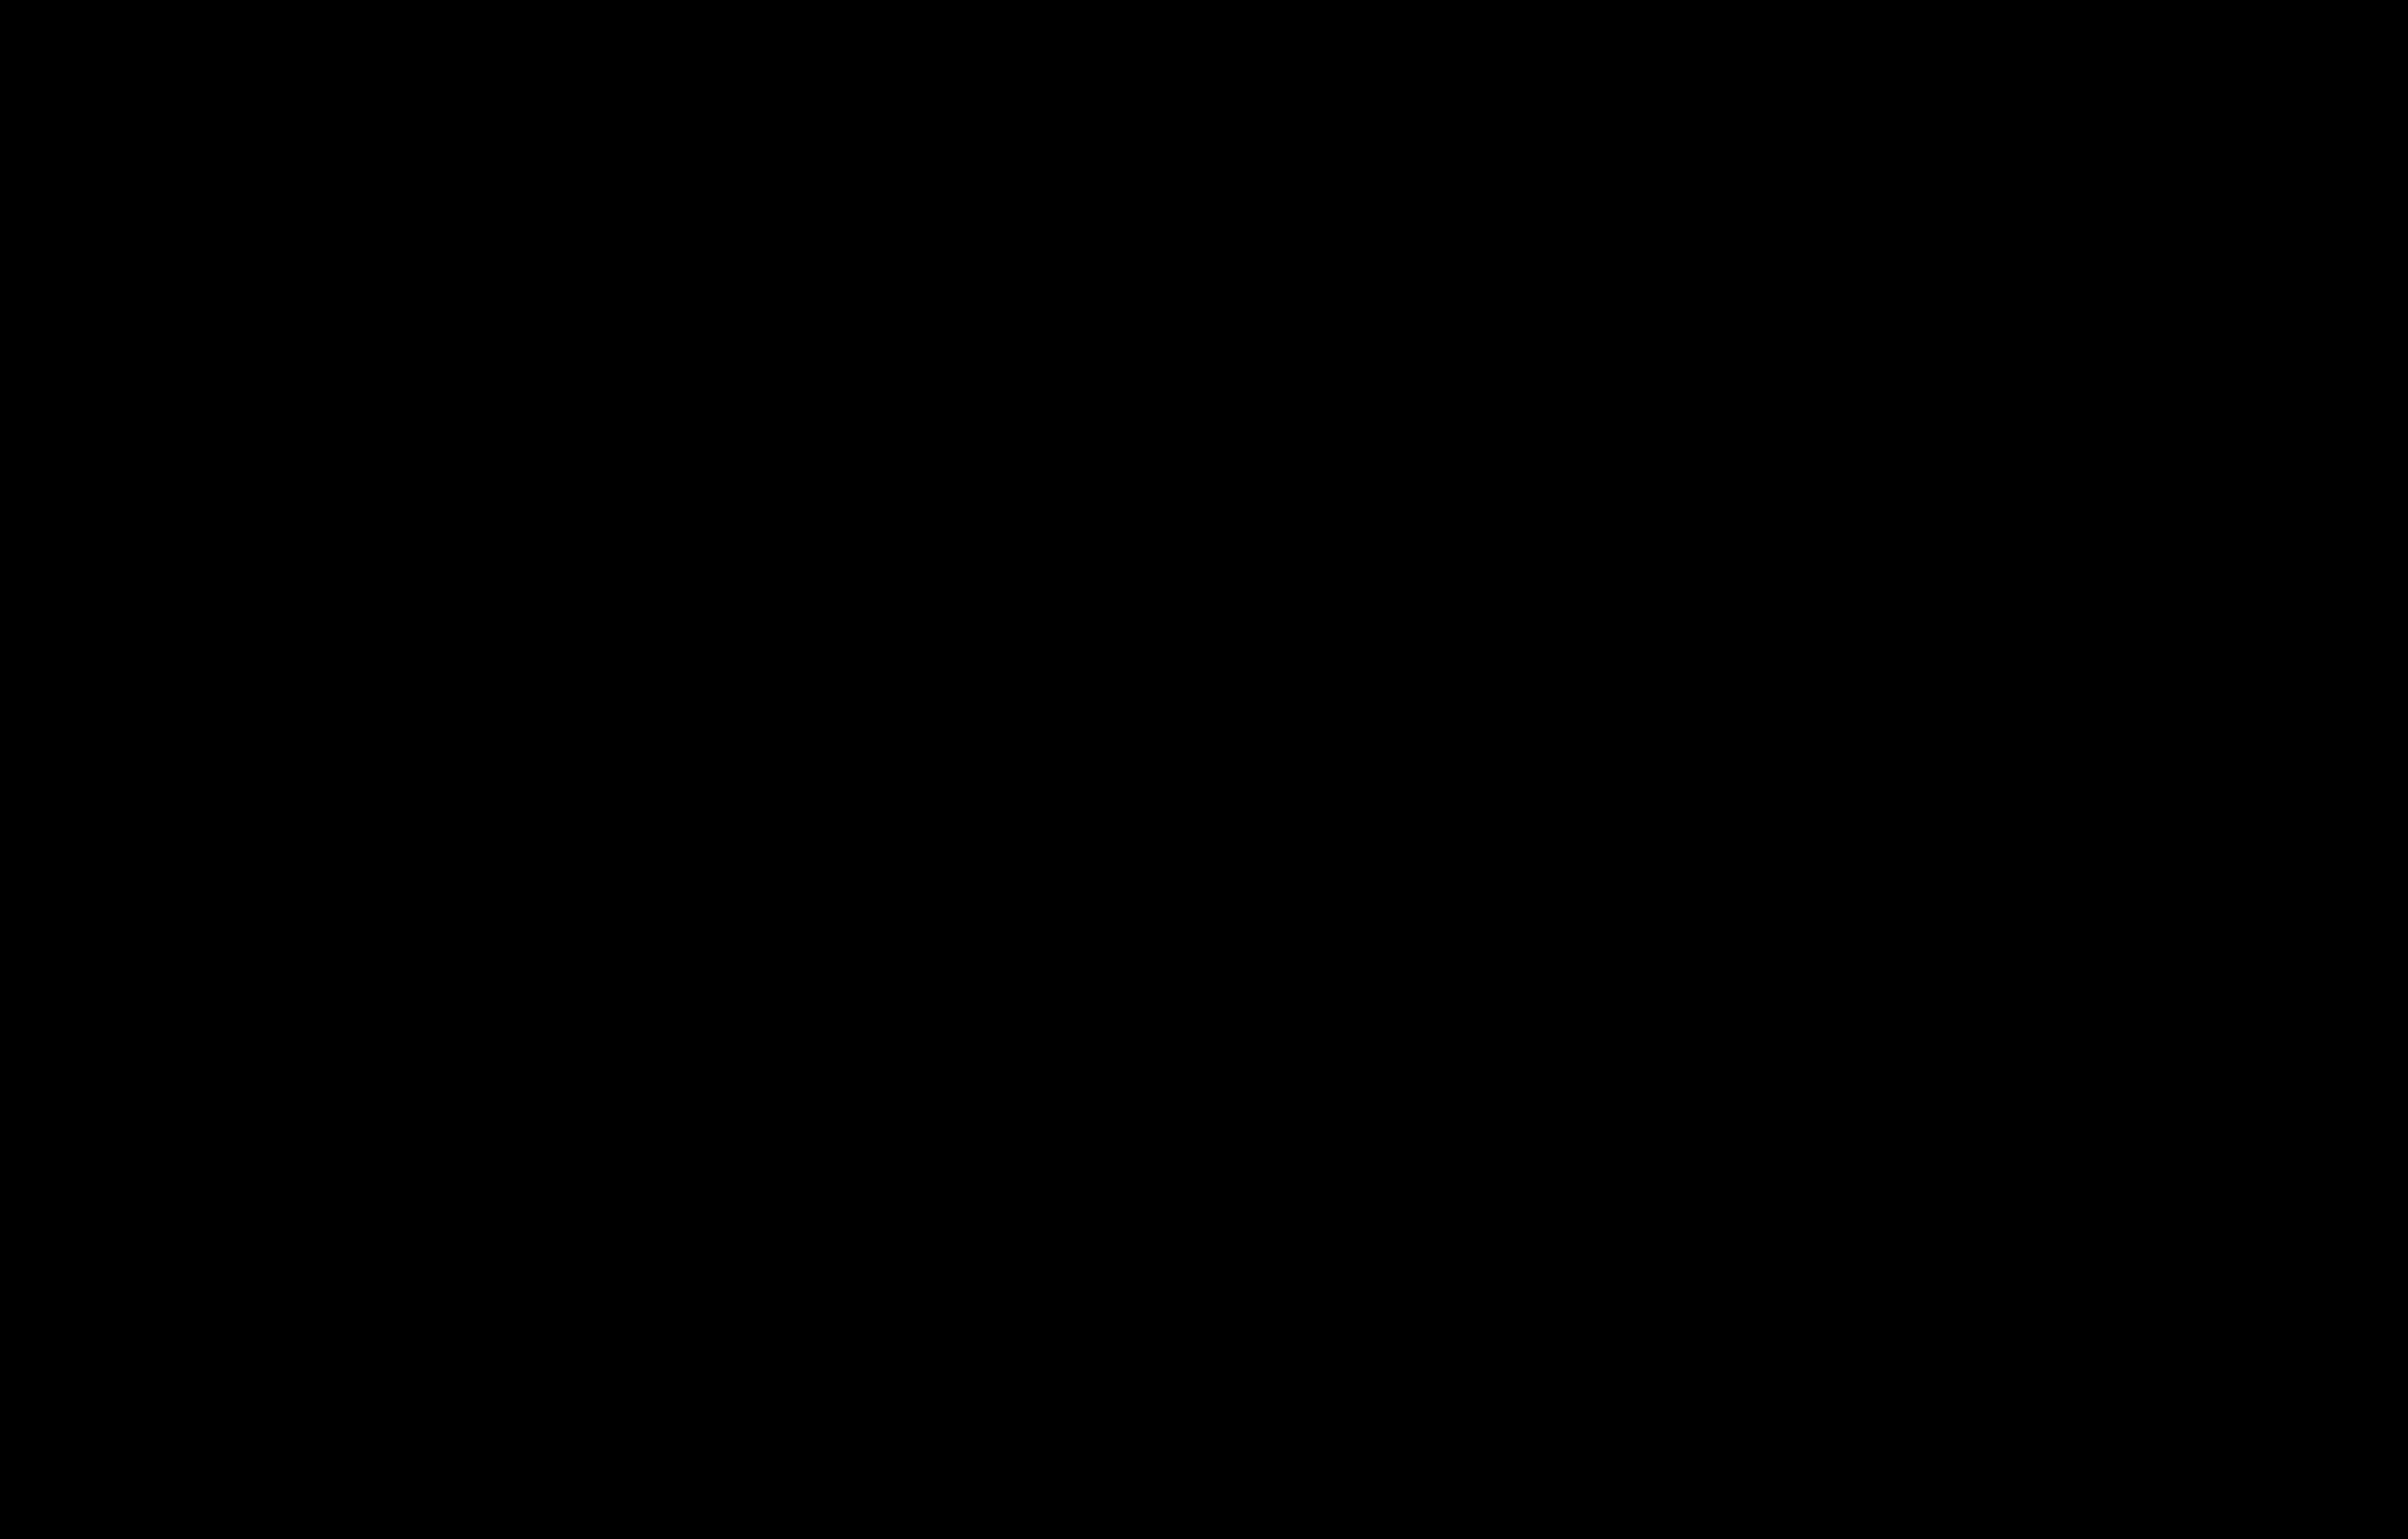 Programación de saetas en la Semana Santa 2019 de Jerez de la Frontera.